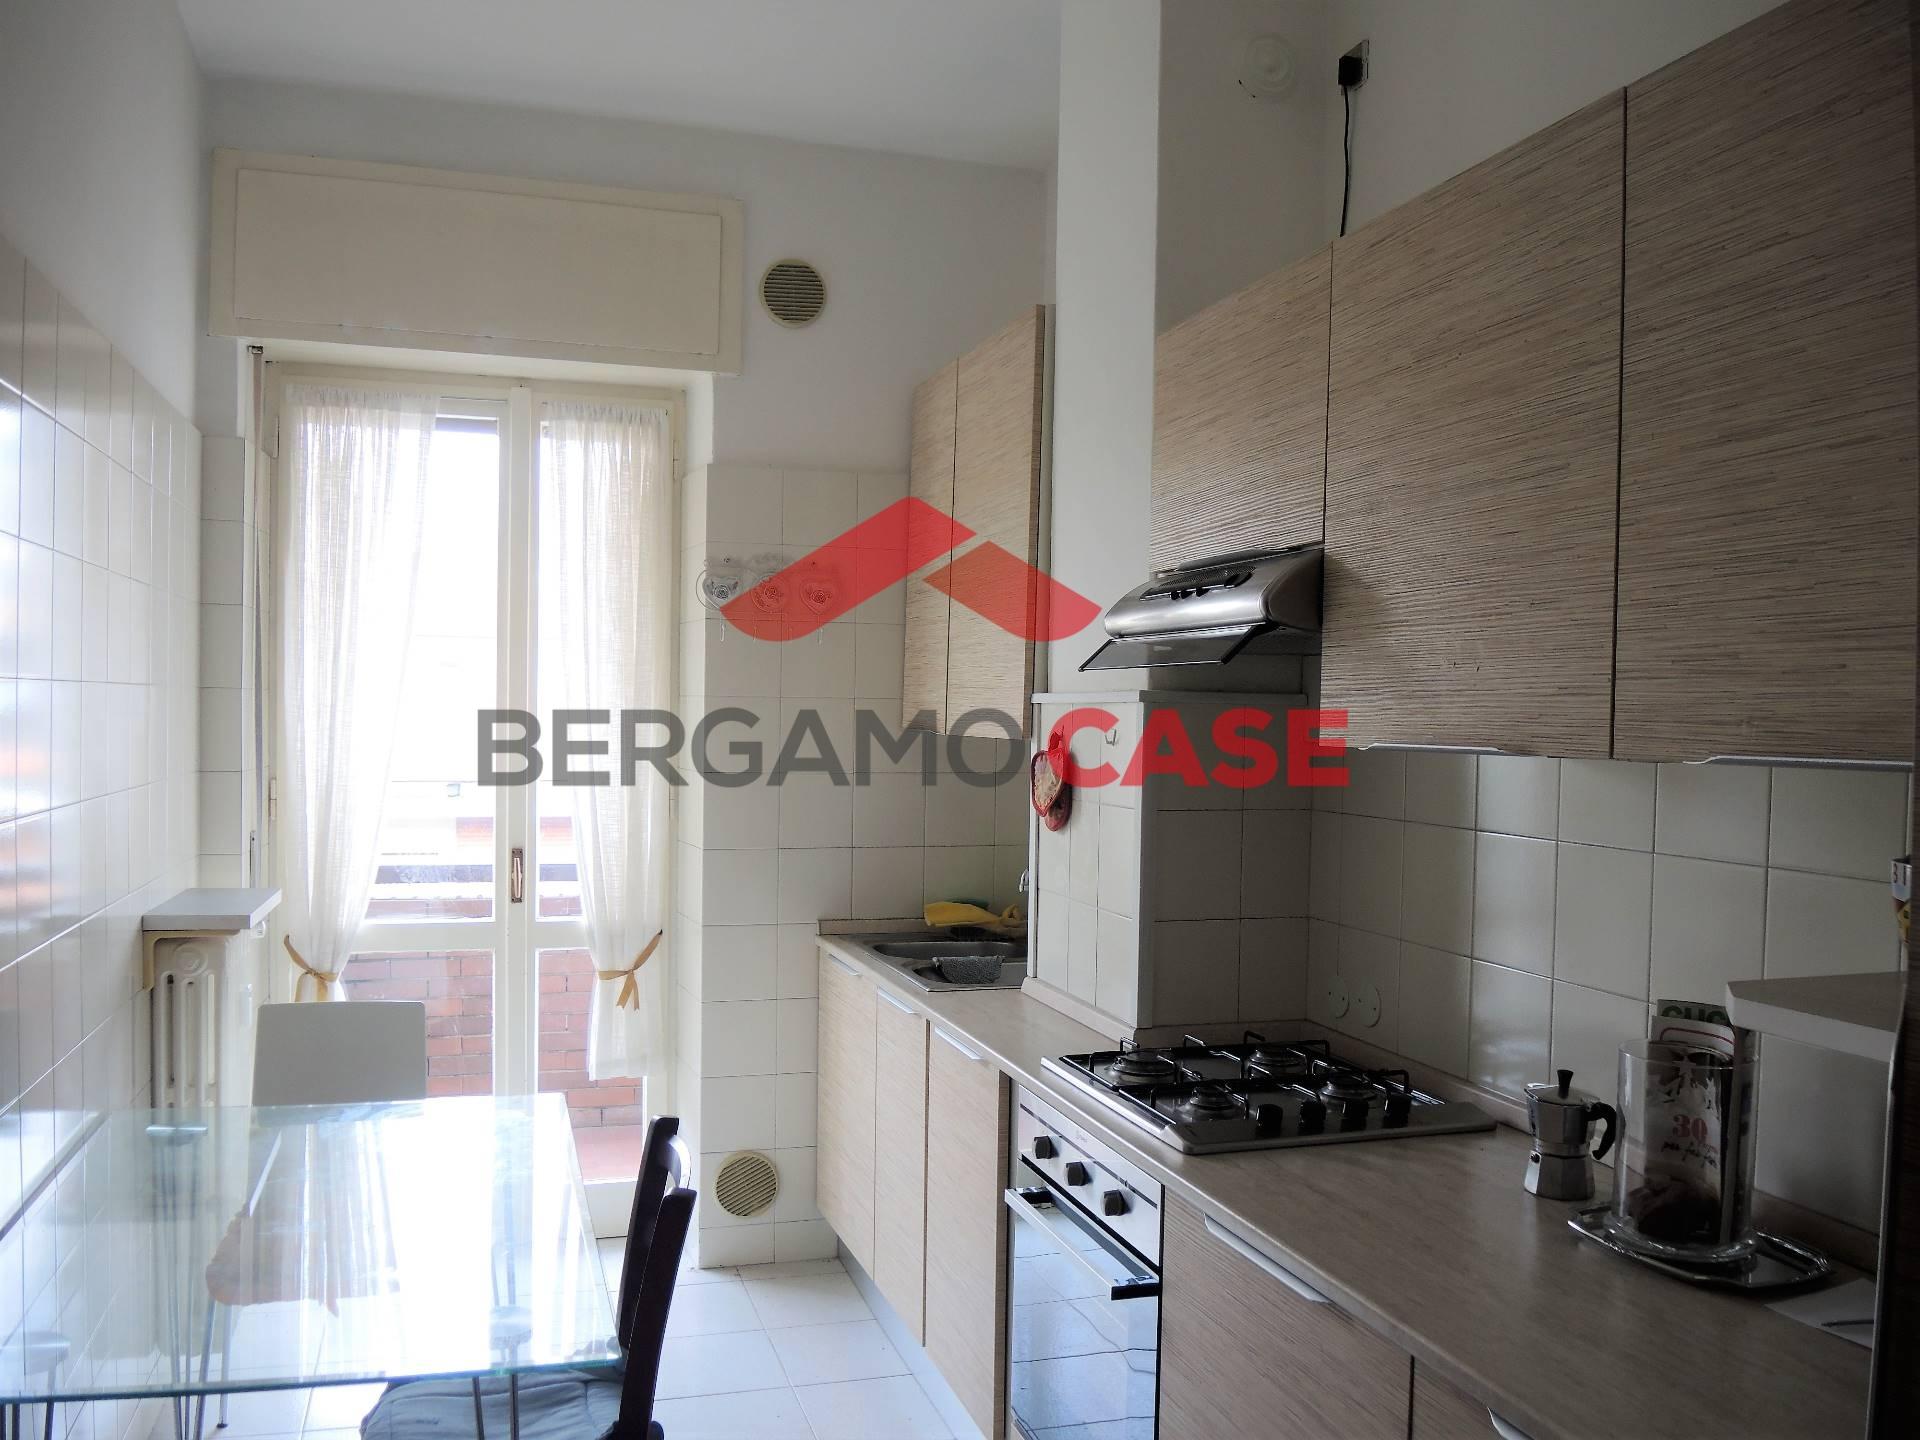 vendita appartamento bergamo loreto  195000 euro  3 locali  110 mq